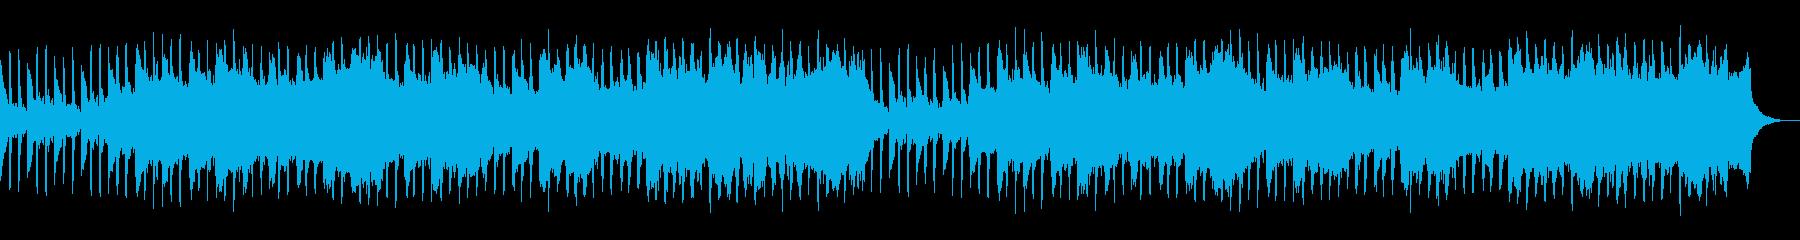 洞窟 FF風の再生済みの波形